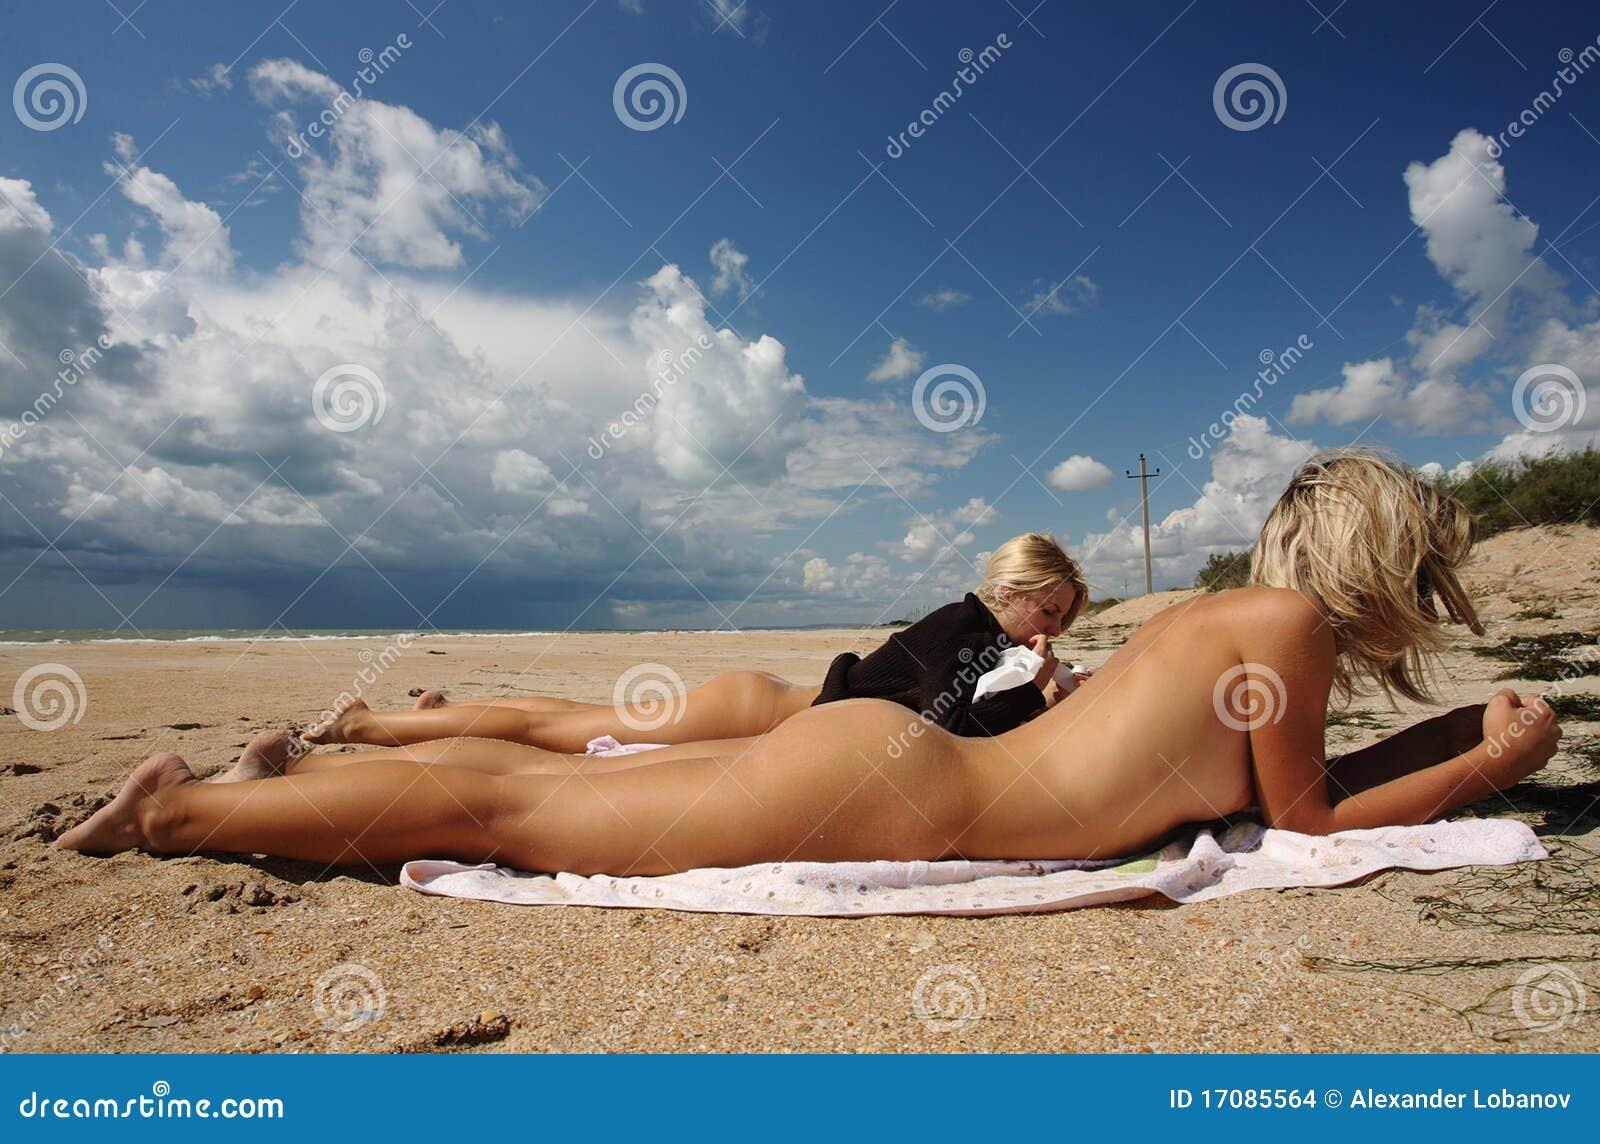 Junge Frauen nehmen auf dem sandigen Strand ein Sonnenbad.